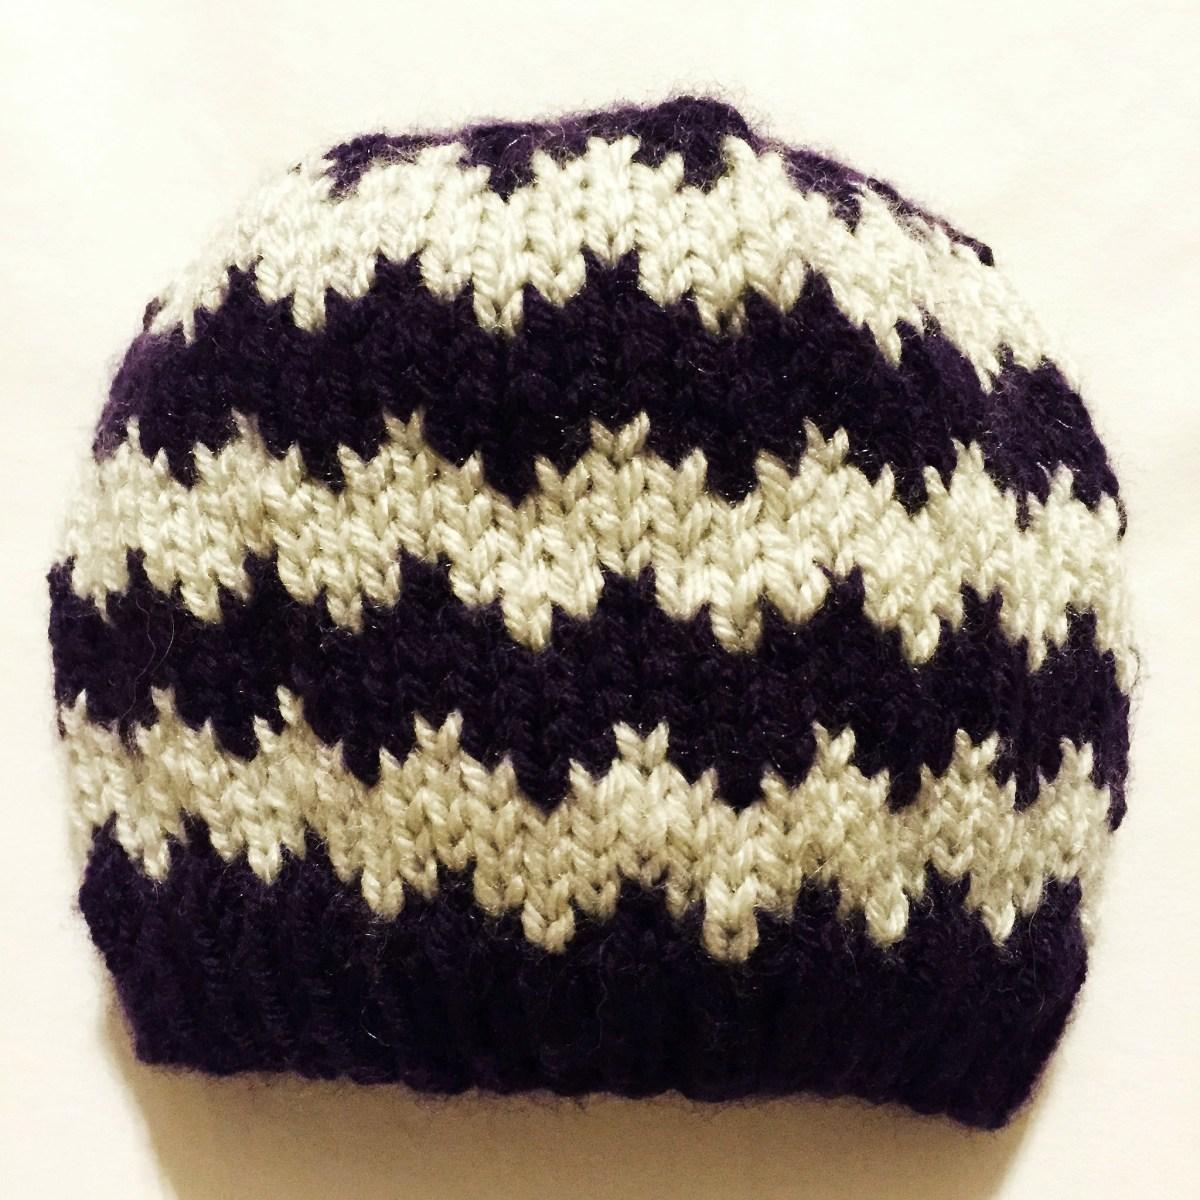 Chevron Knitting Pattern Free Knitting Pattern Quick Knit Chevron Ba Hat Pinss Needles